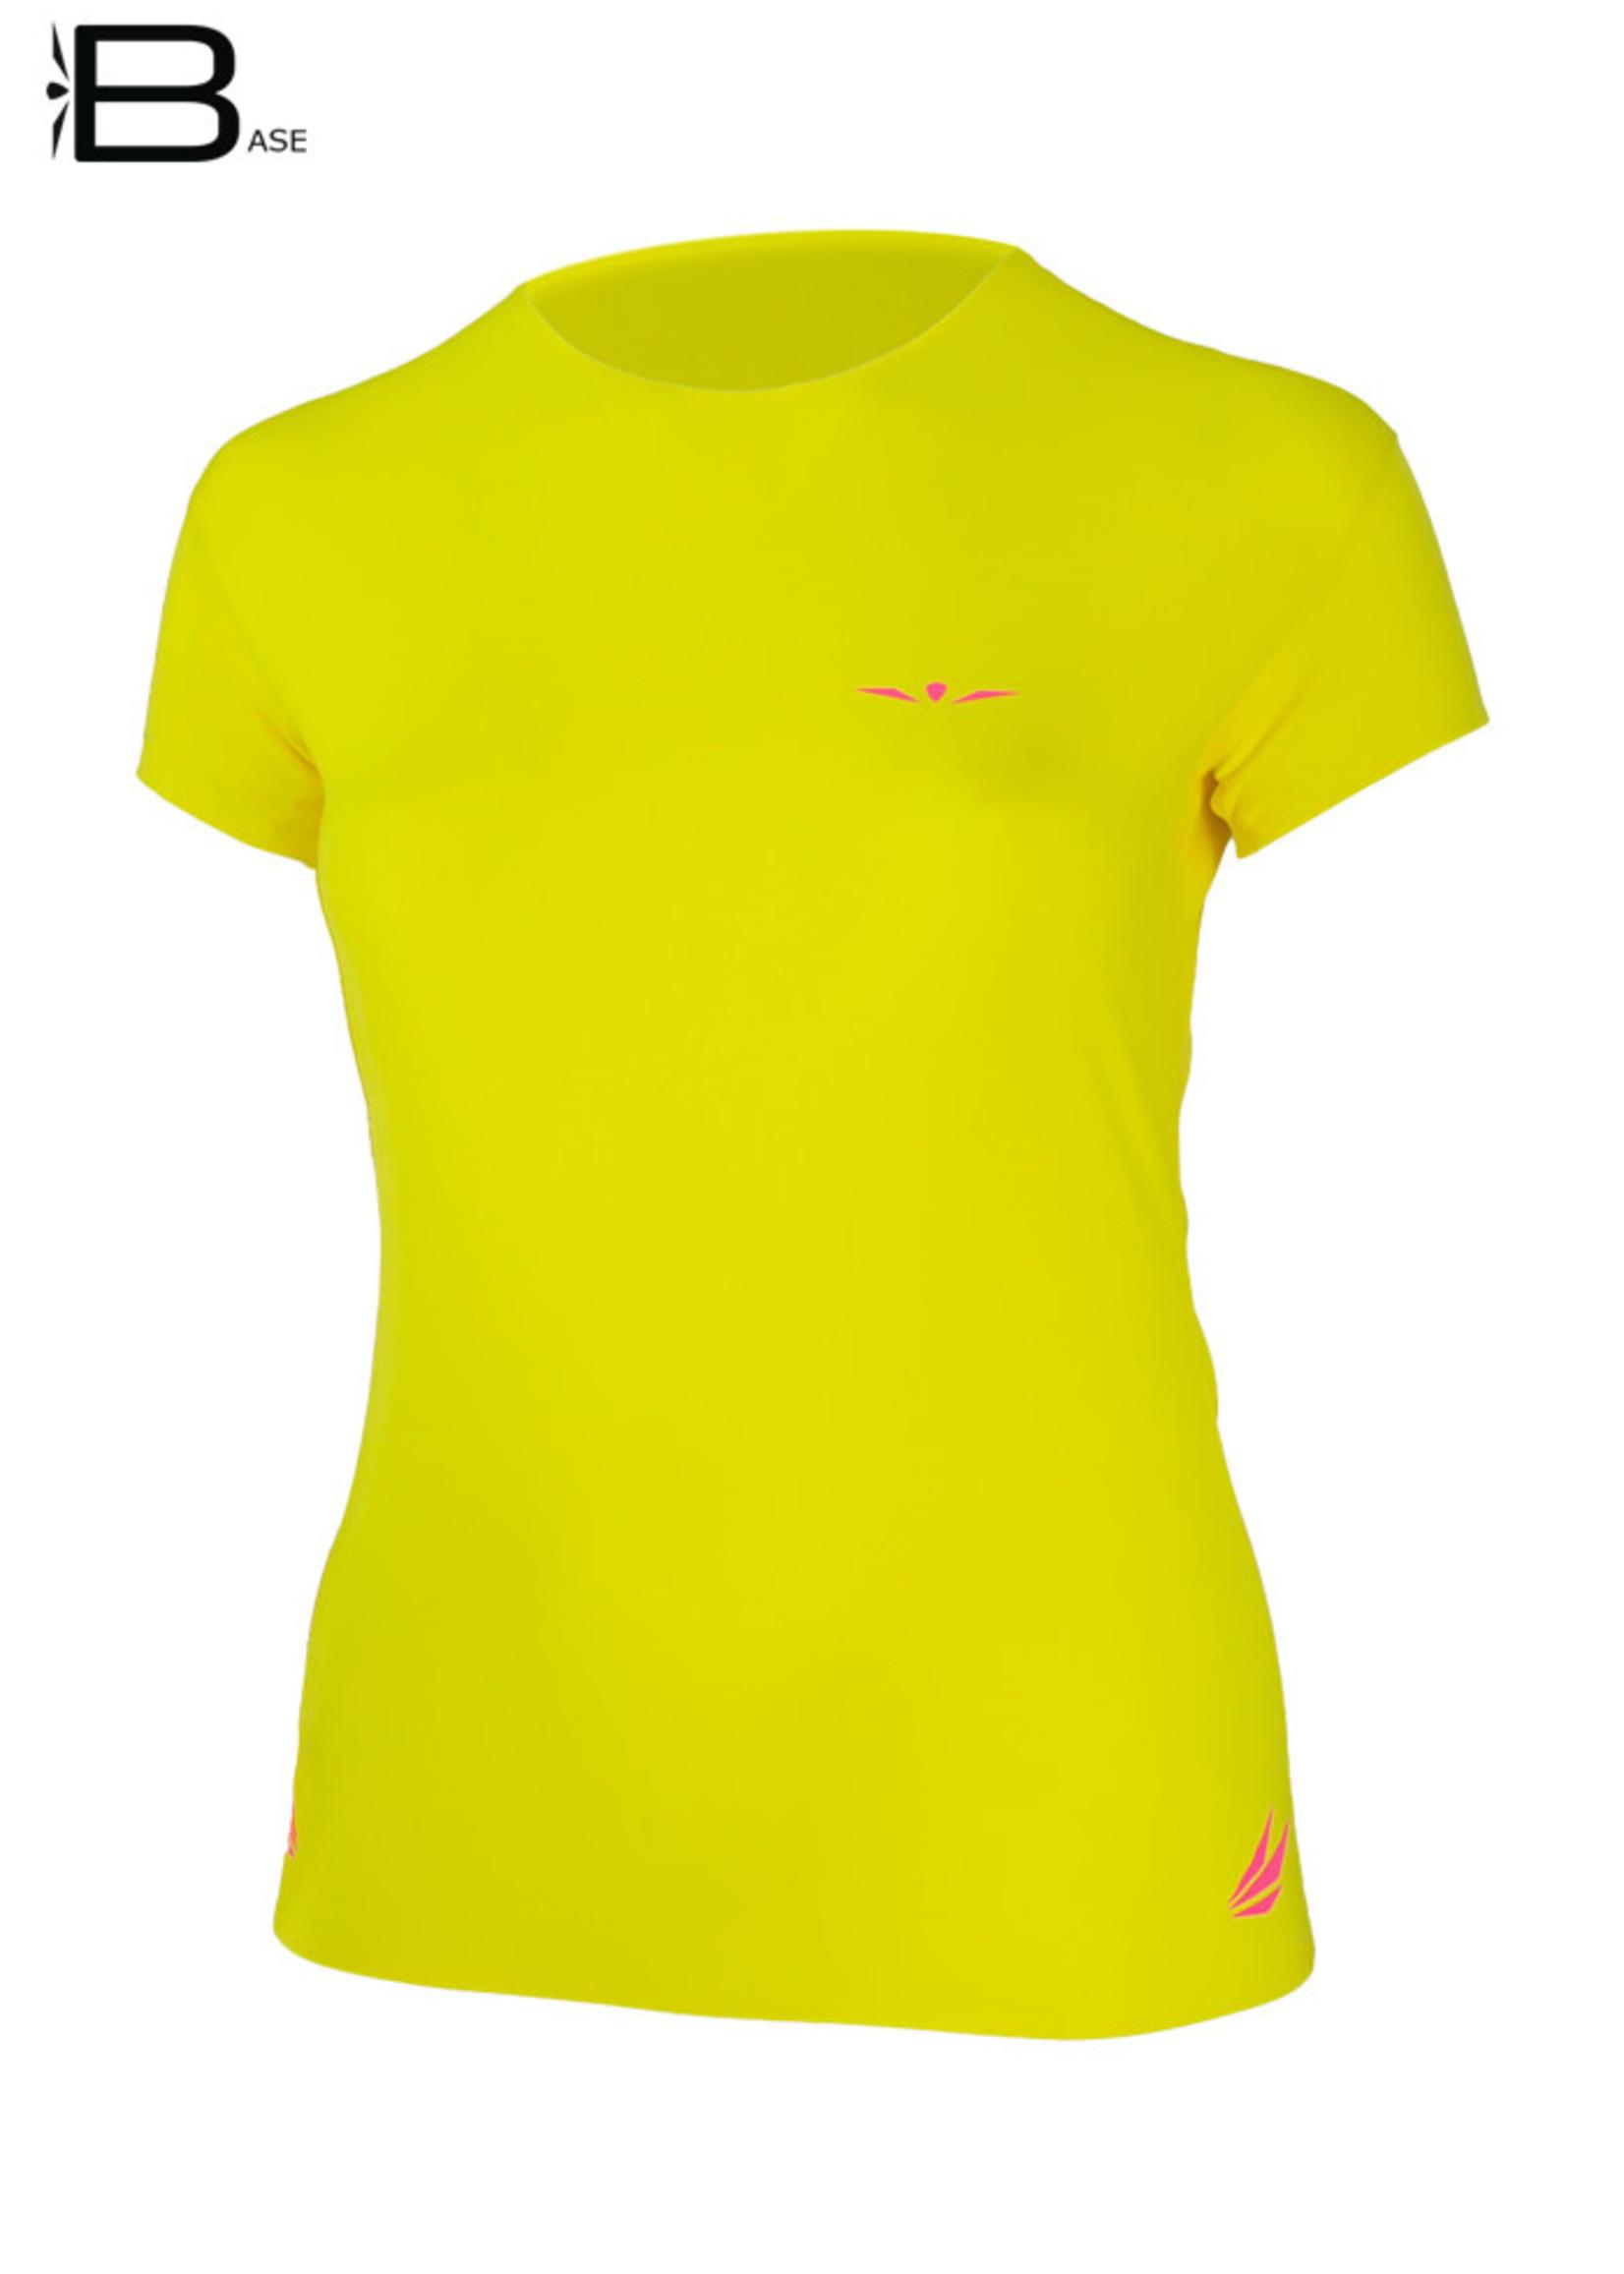 Uglow Sport Uglow BASE Women's T-Shirt